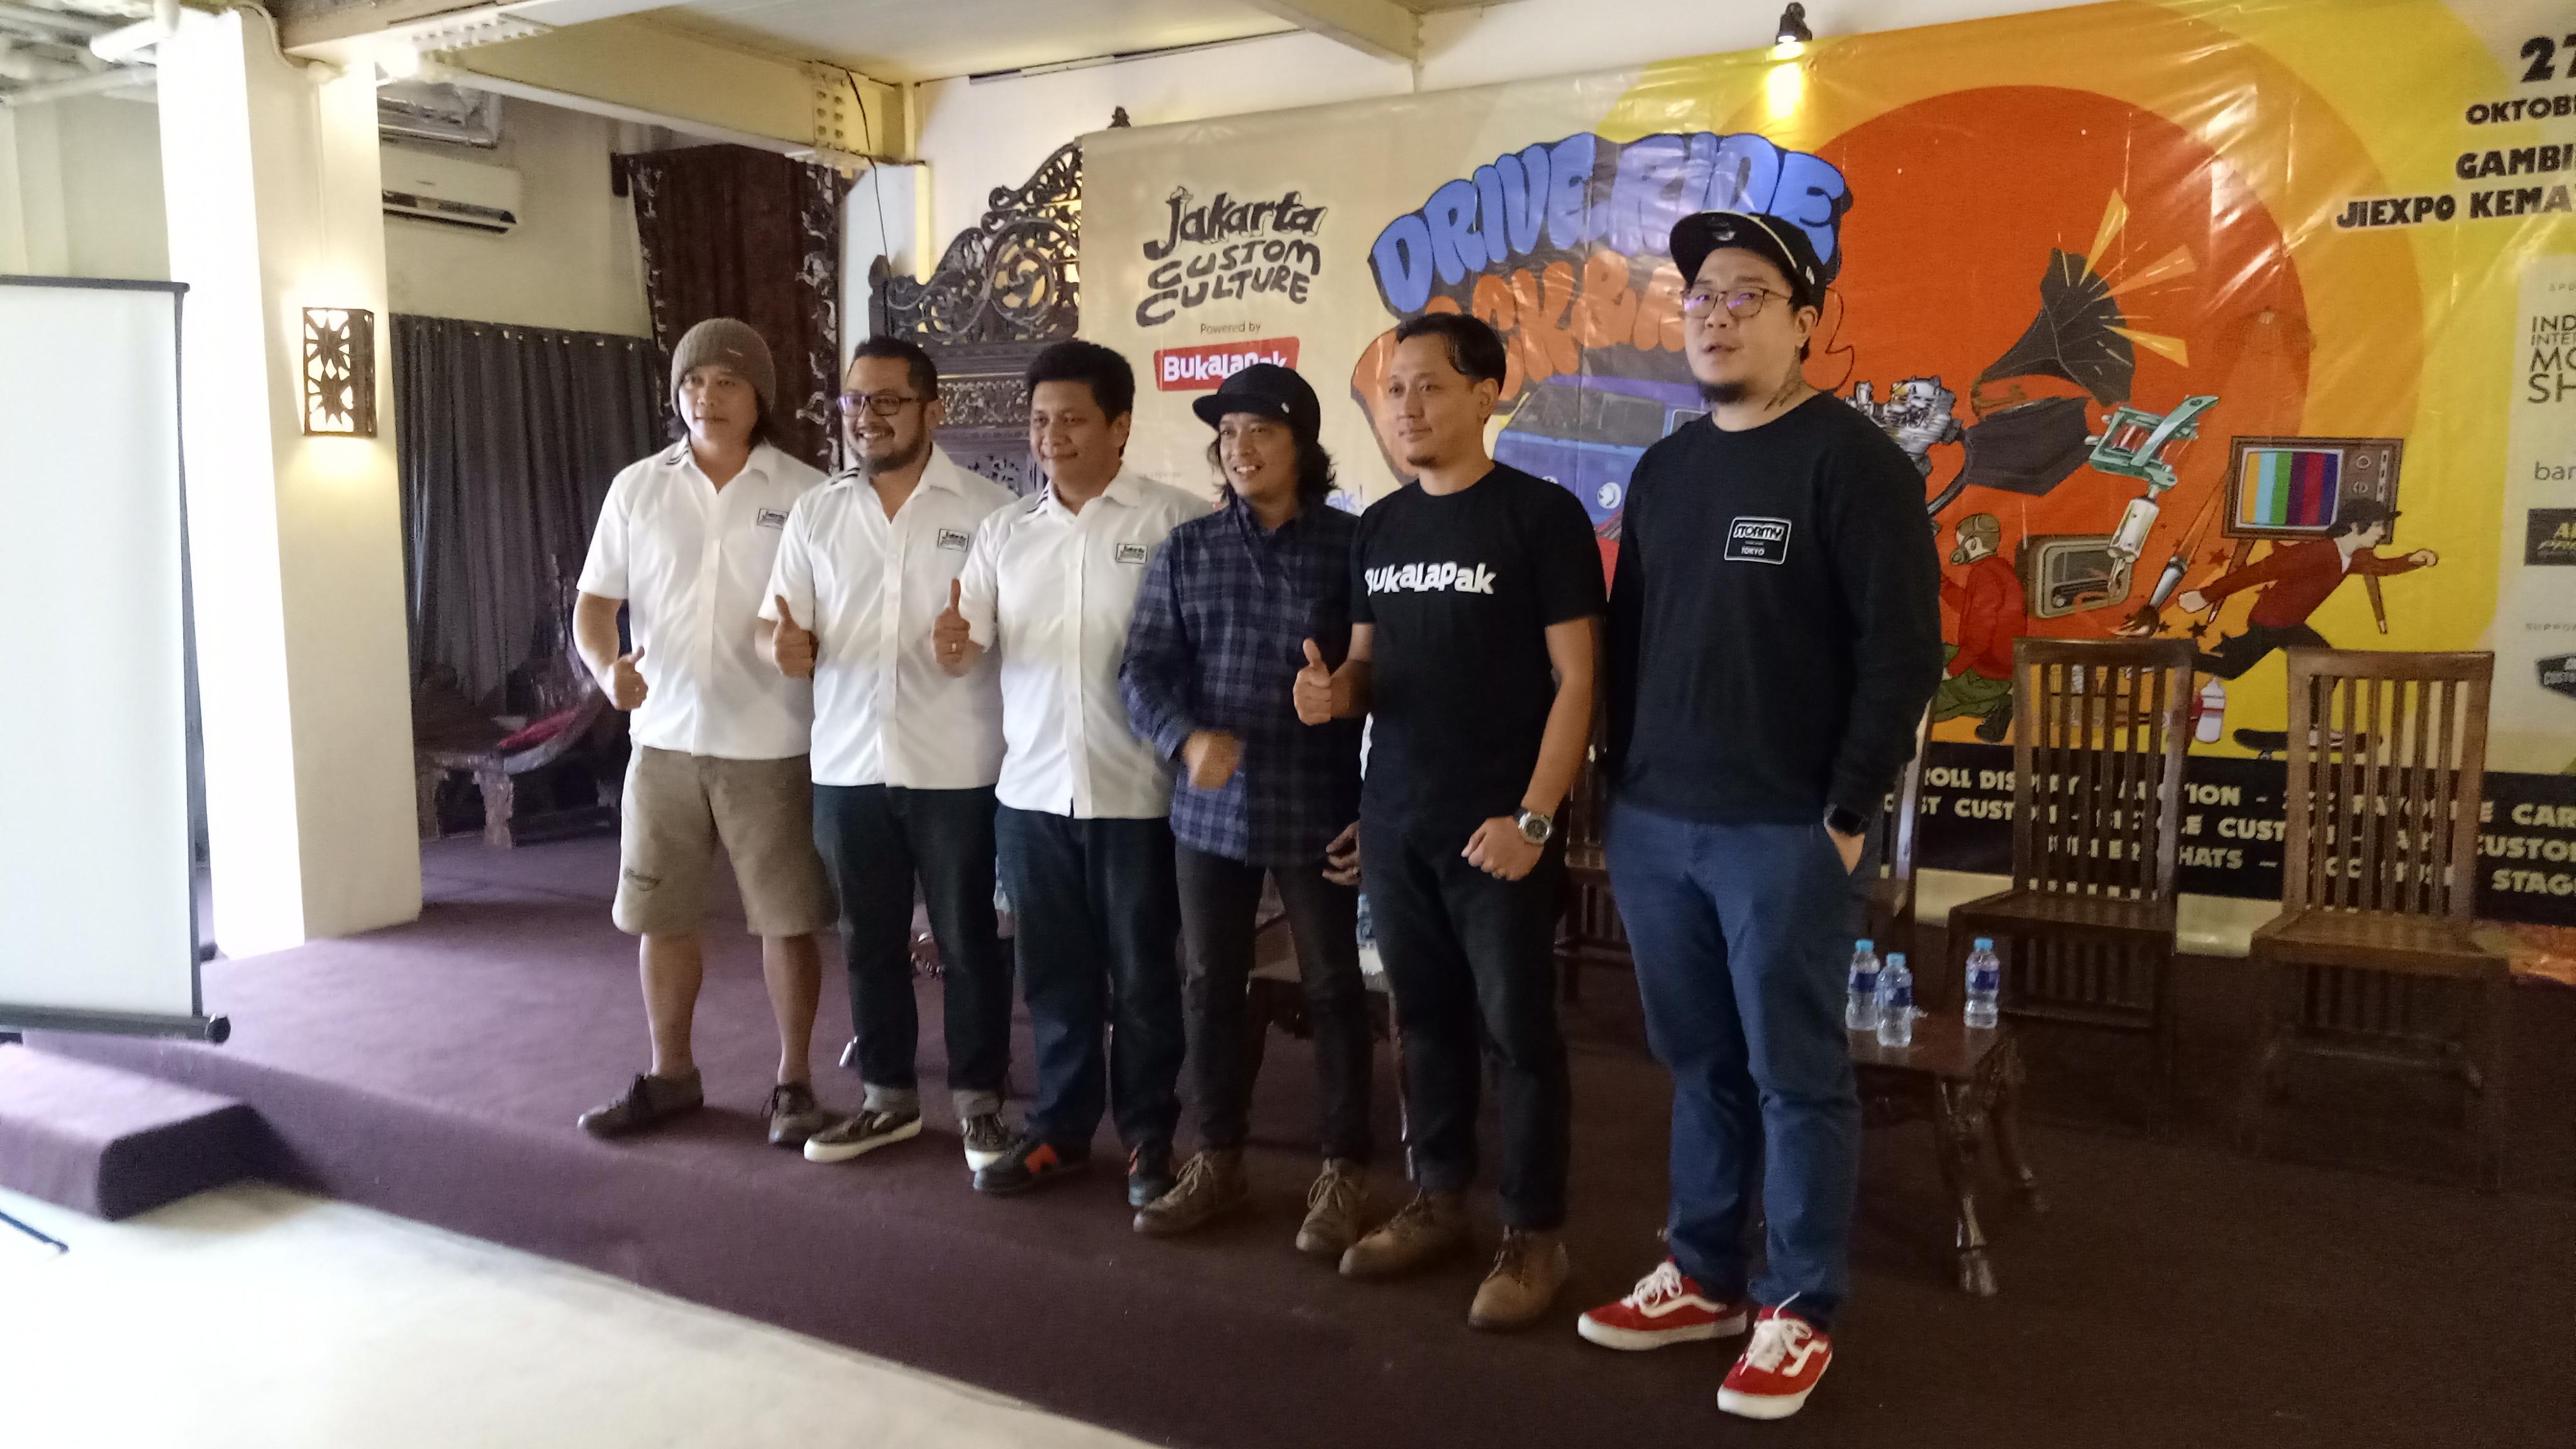 Jakarta Custom Culture Siap Kembali Jadi Ajang Berkarya Dan